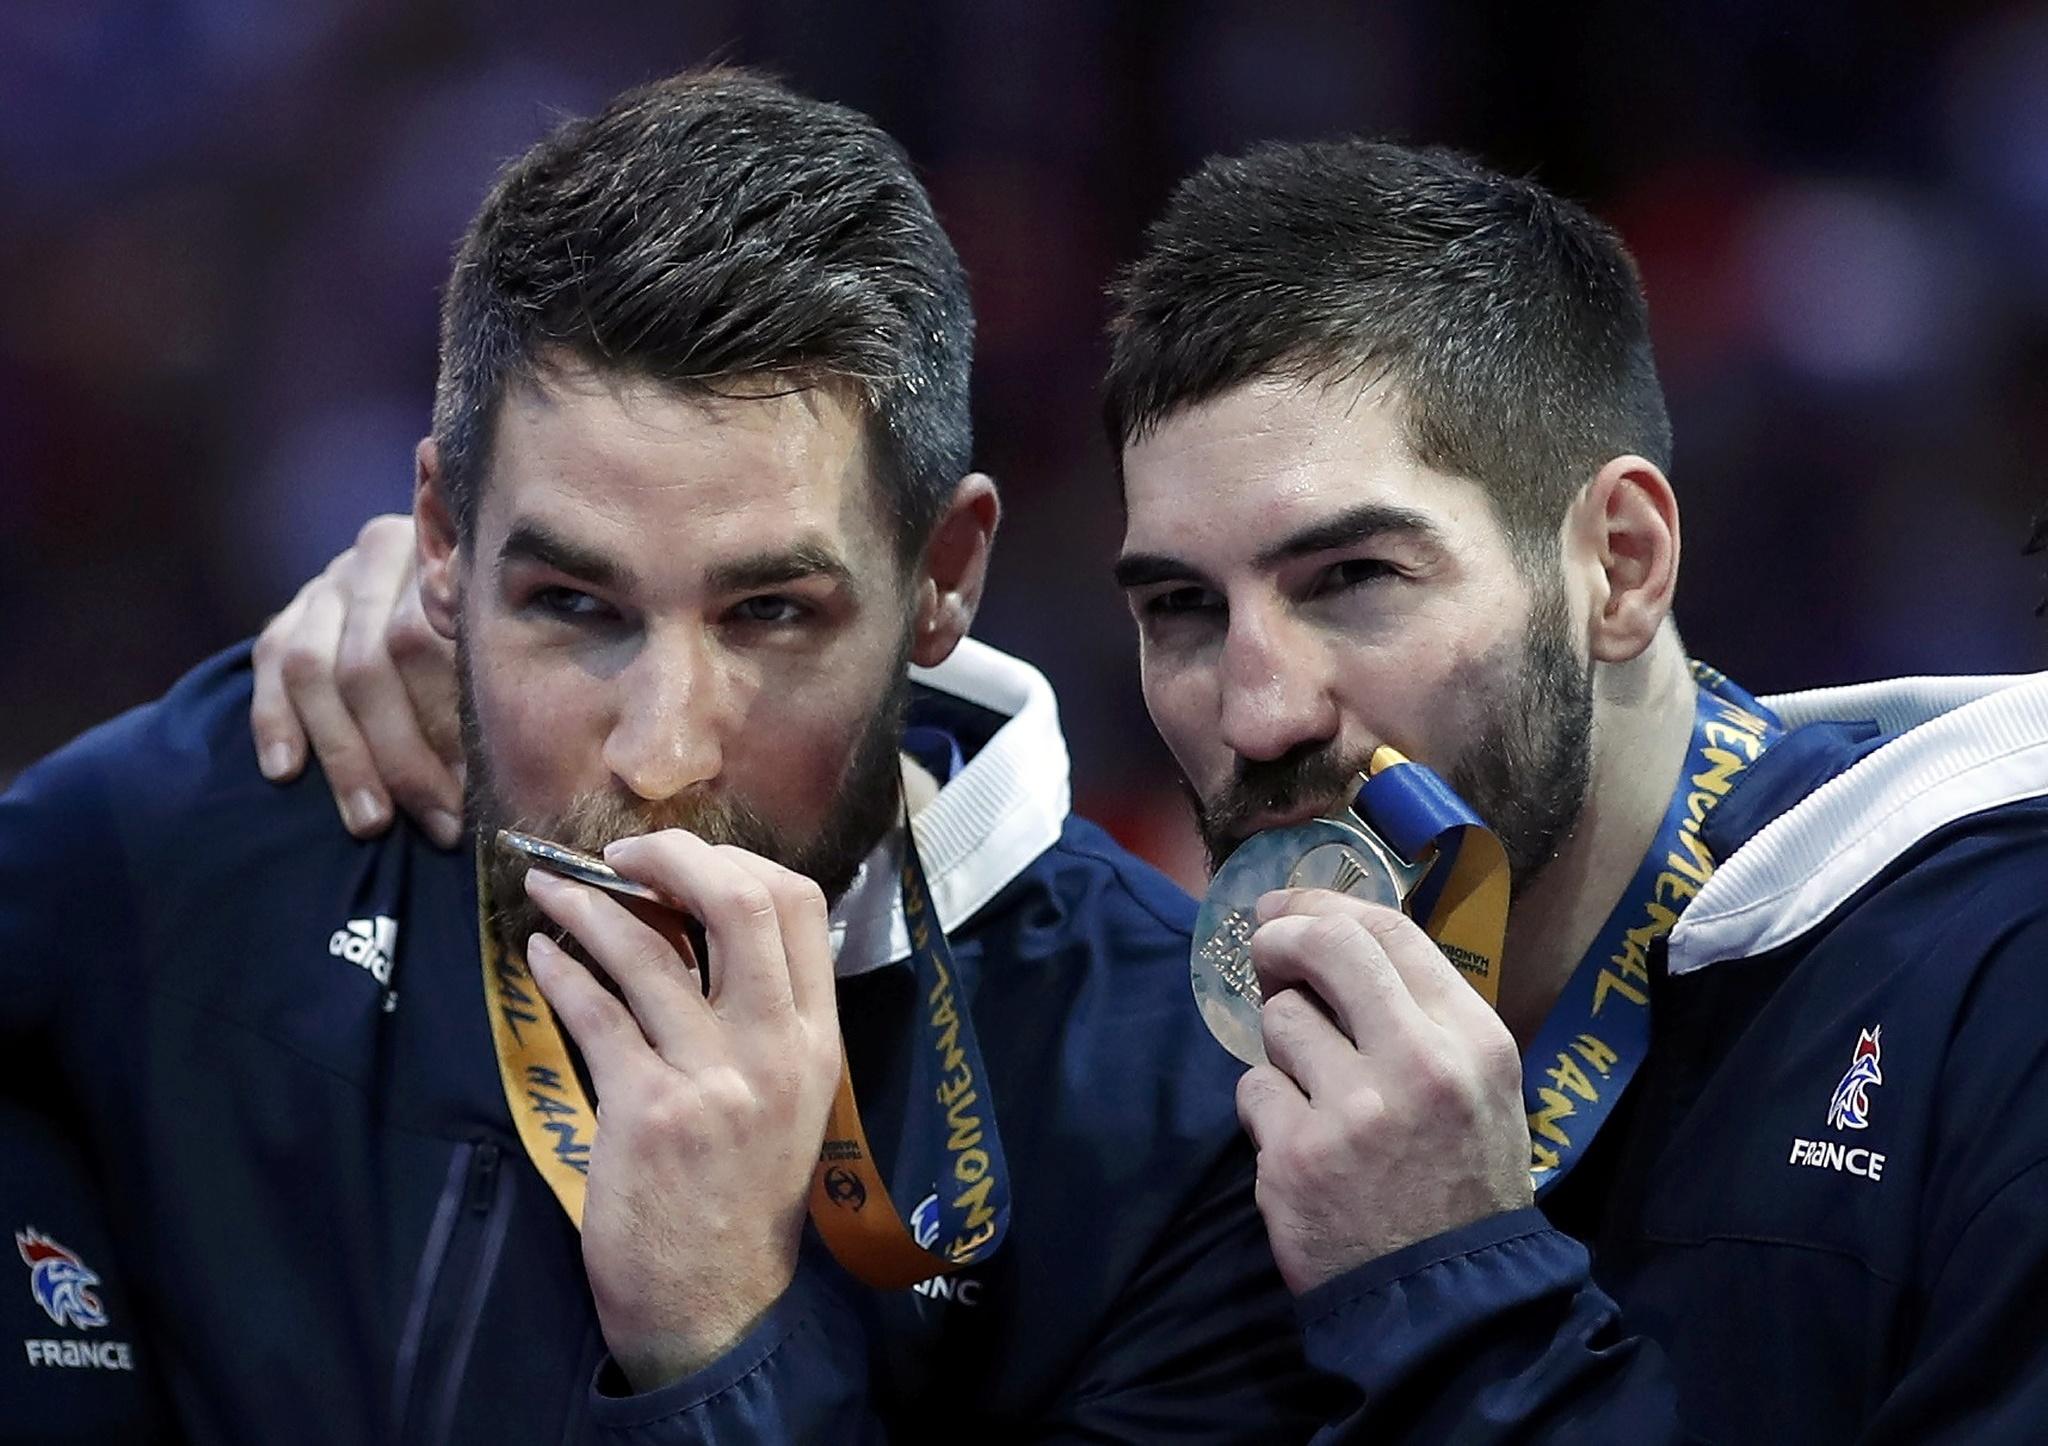 Luka y Nikola Karabatic, con el oro del Mundial.